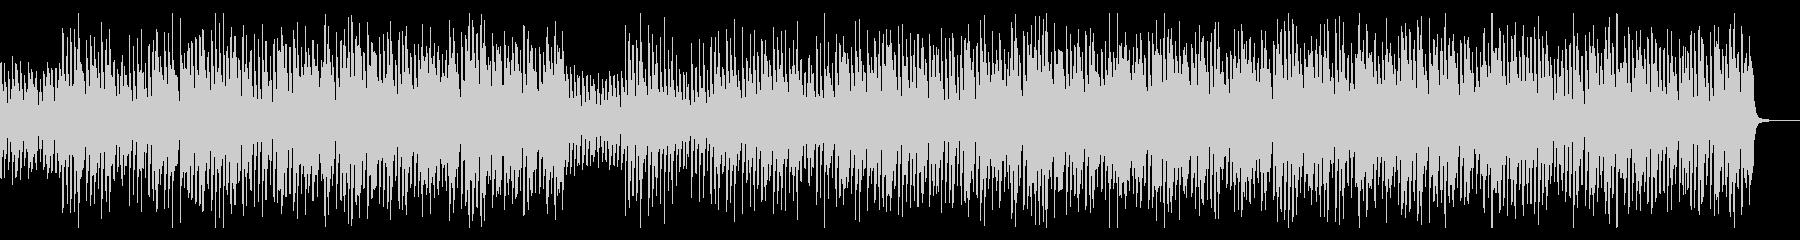 【ドラム抜き】陽気でノリの良いコンセプトの未再生の波形